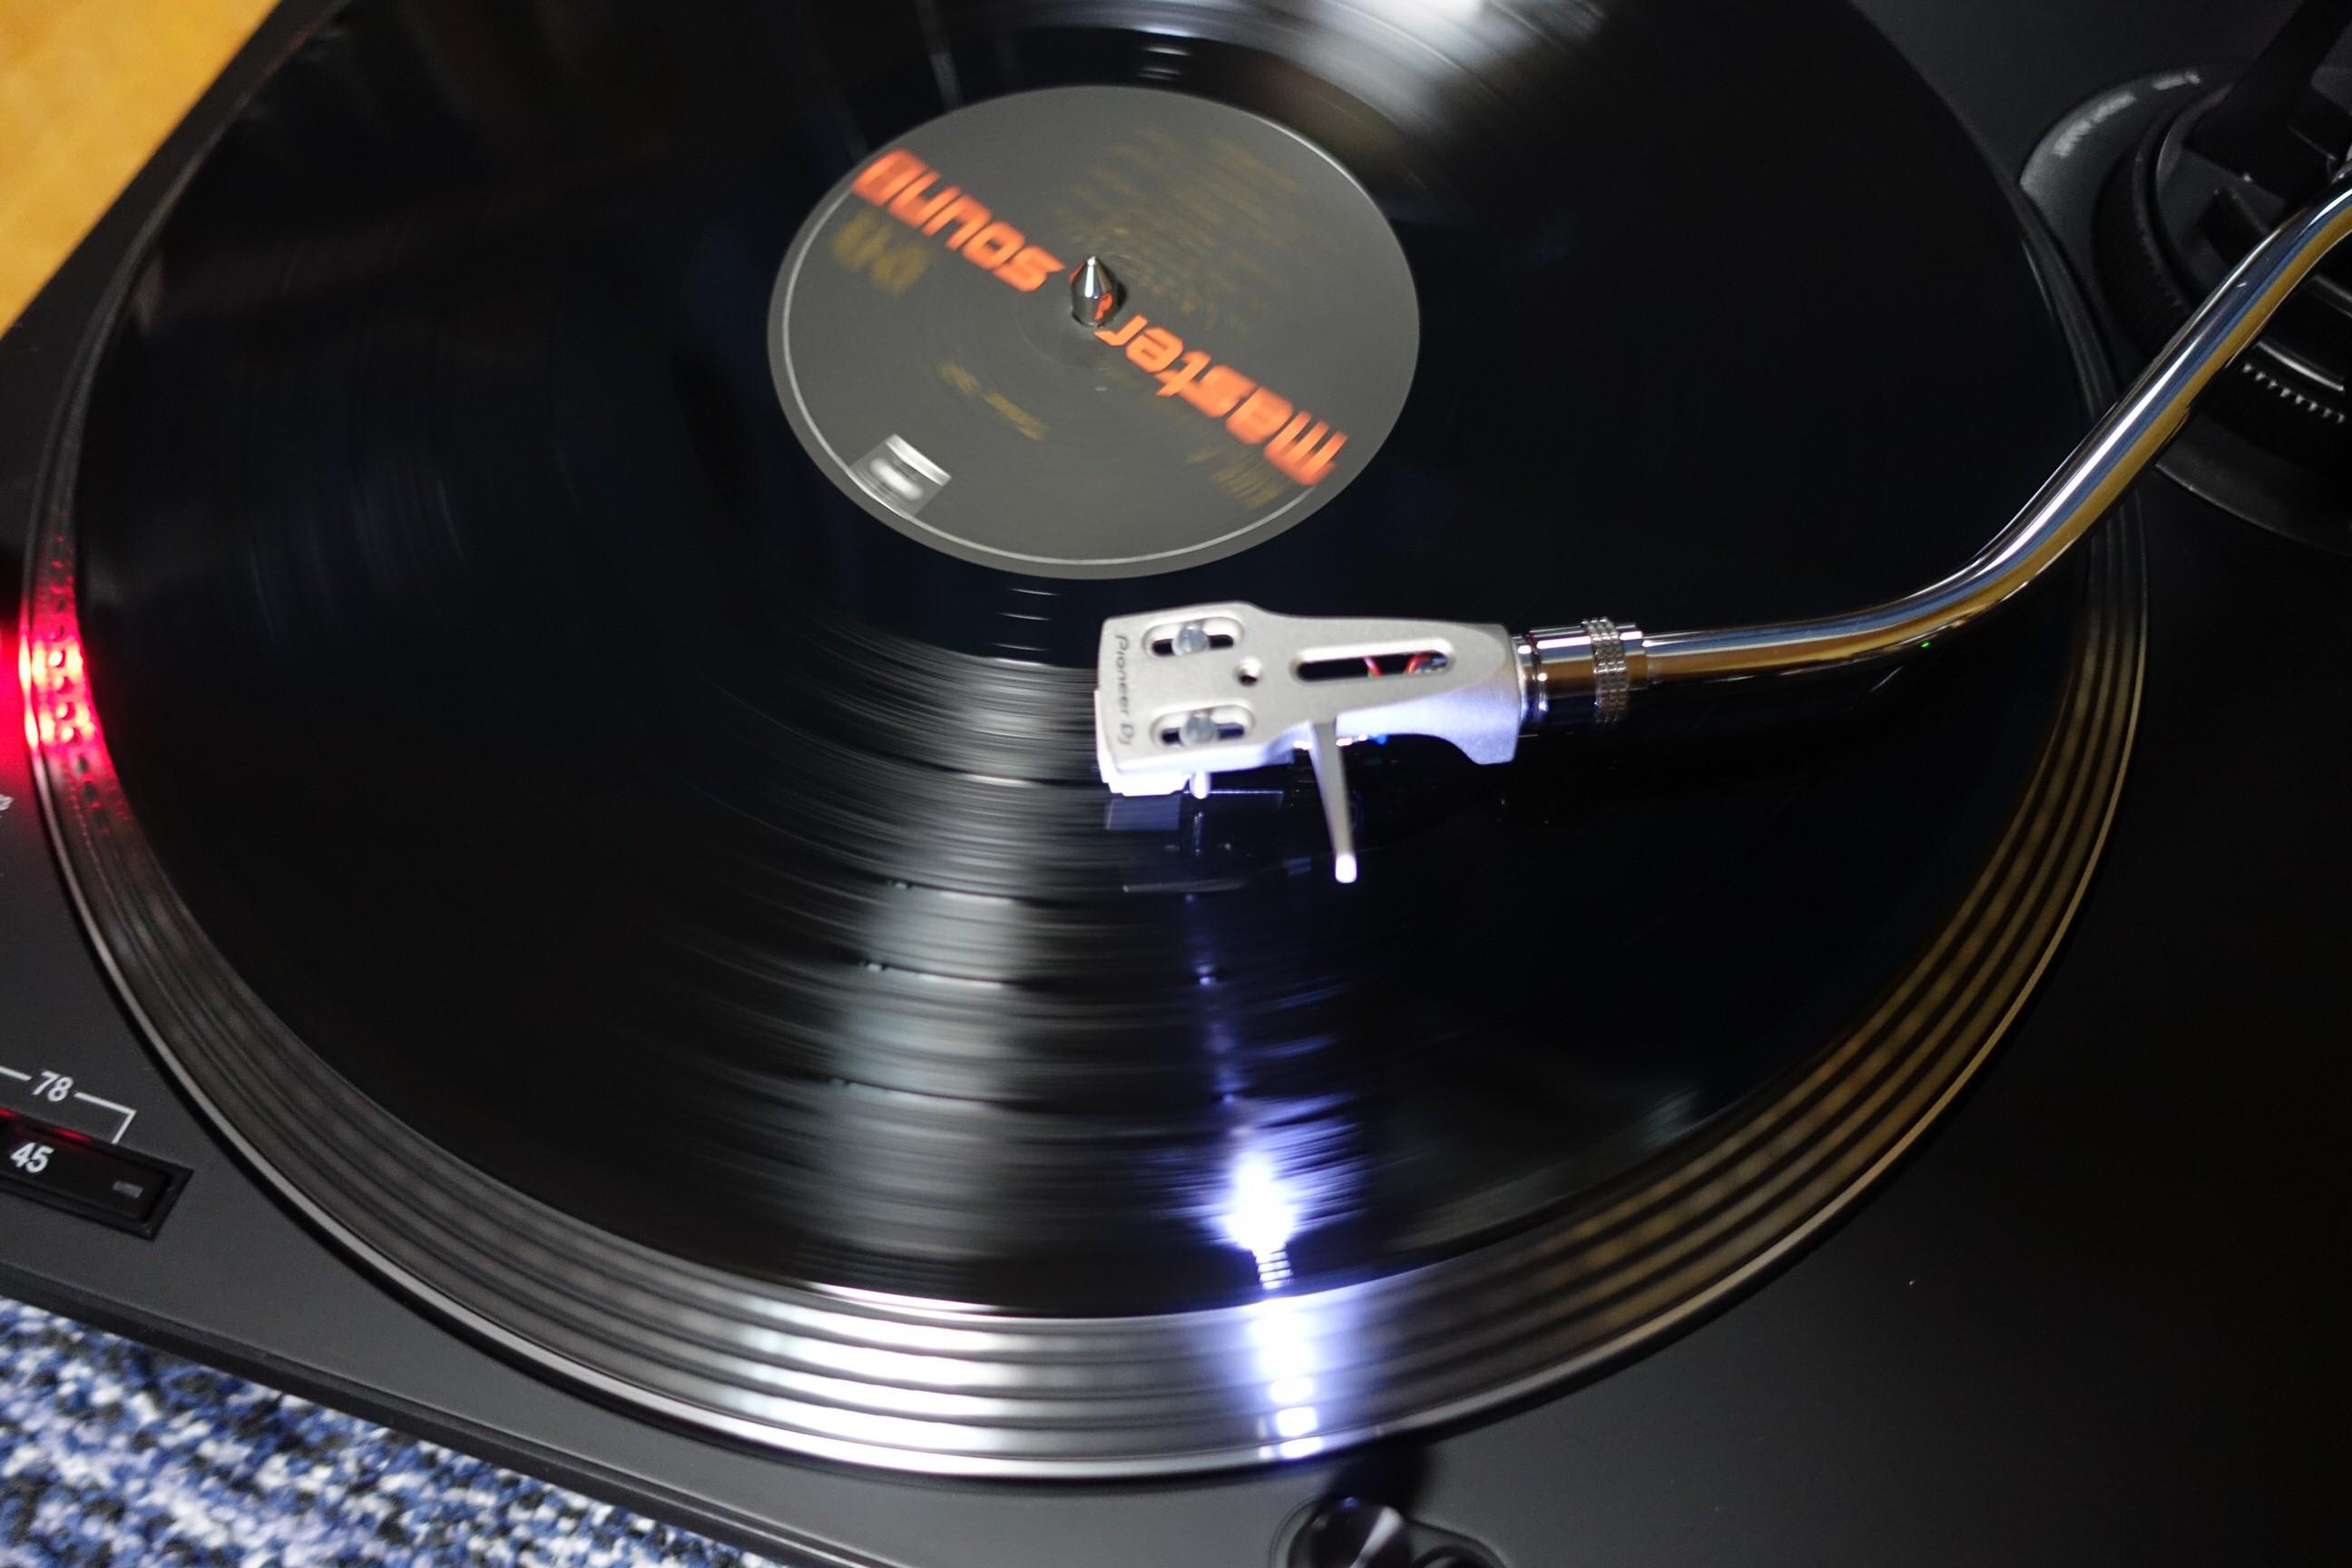 音楽 music Spotify